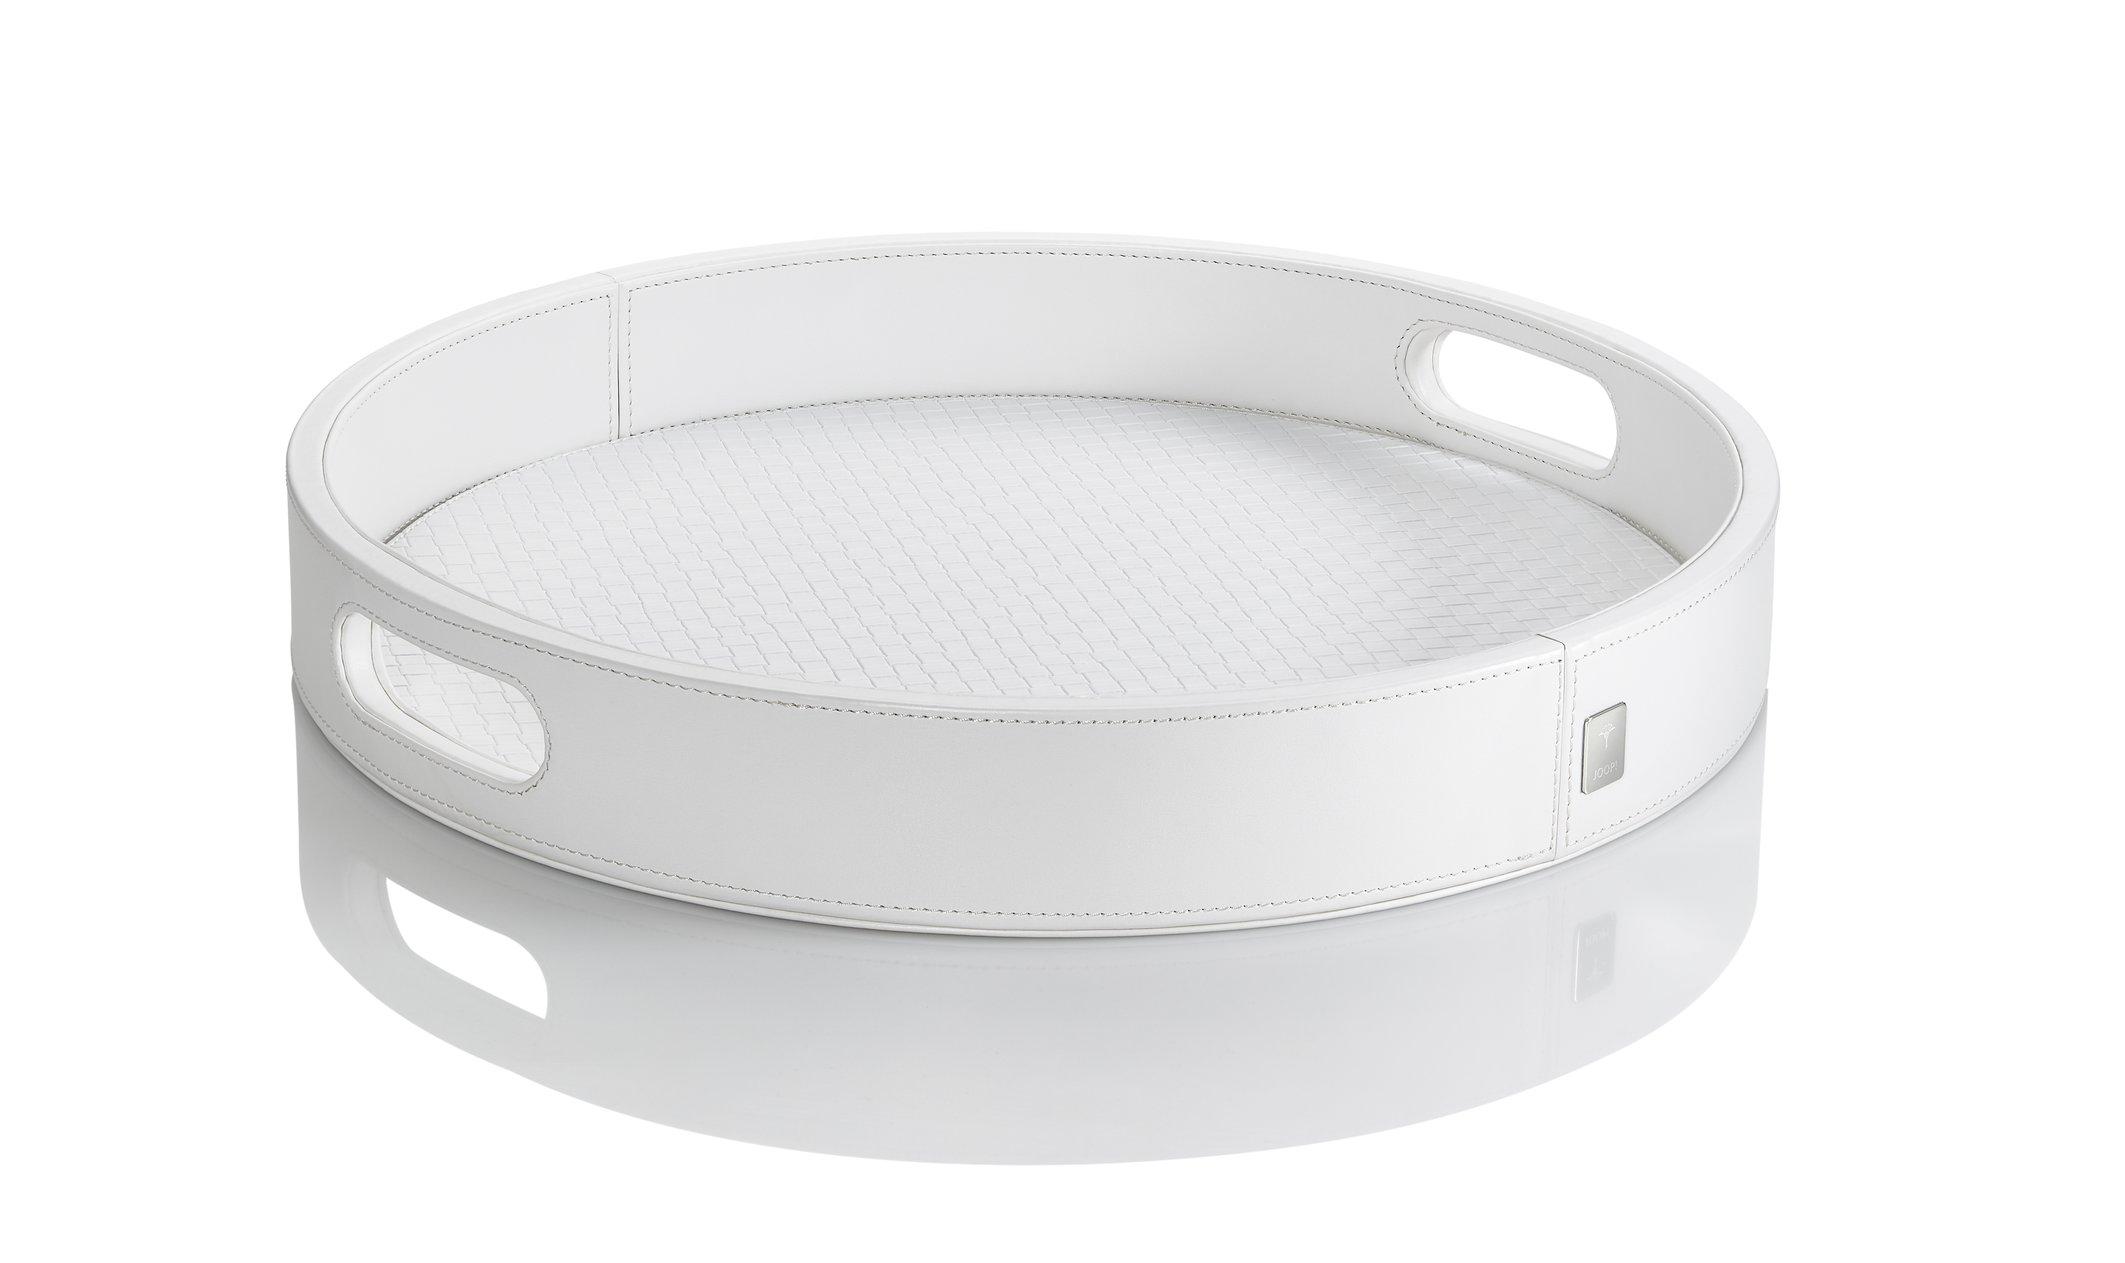 JOOP! Homeline Tablett rund 36 cm klein weiß Lederimitat mit Logo-Metallbadge 11620410